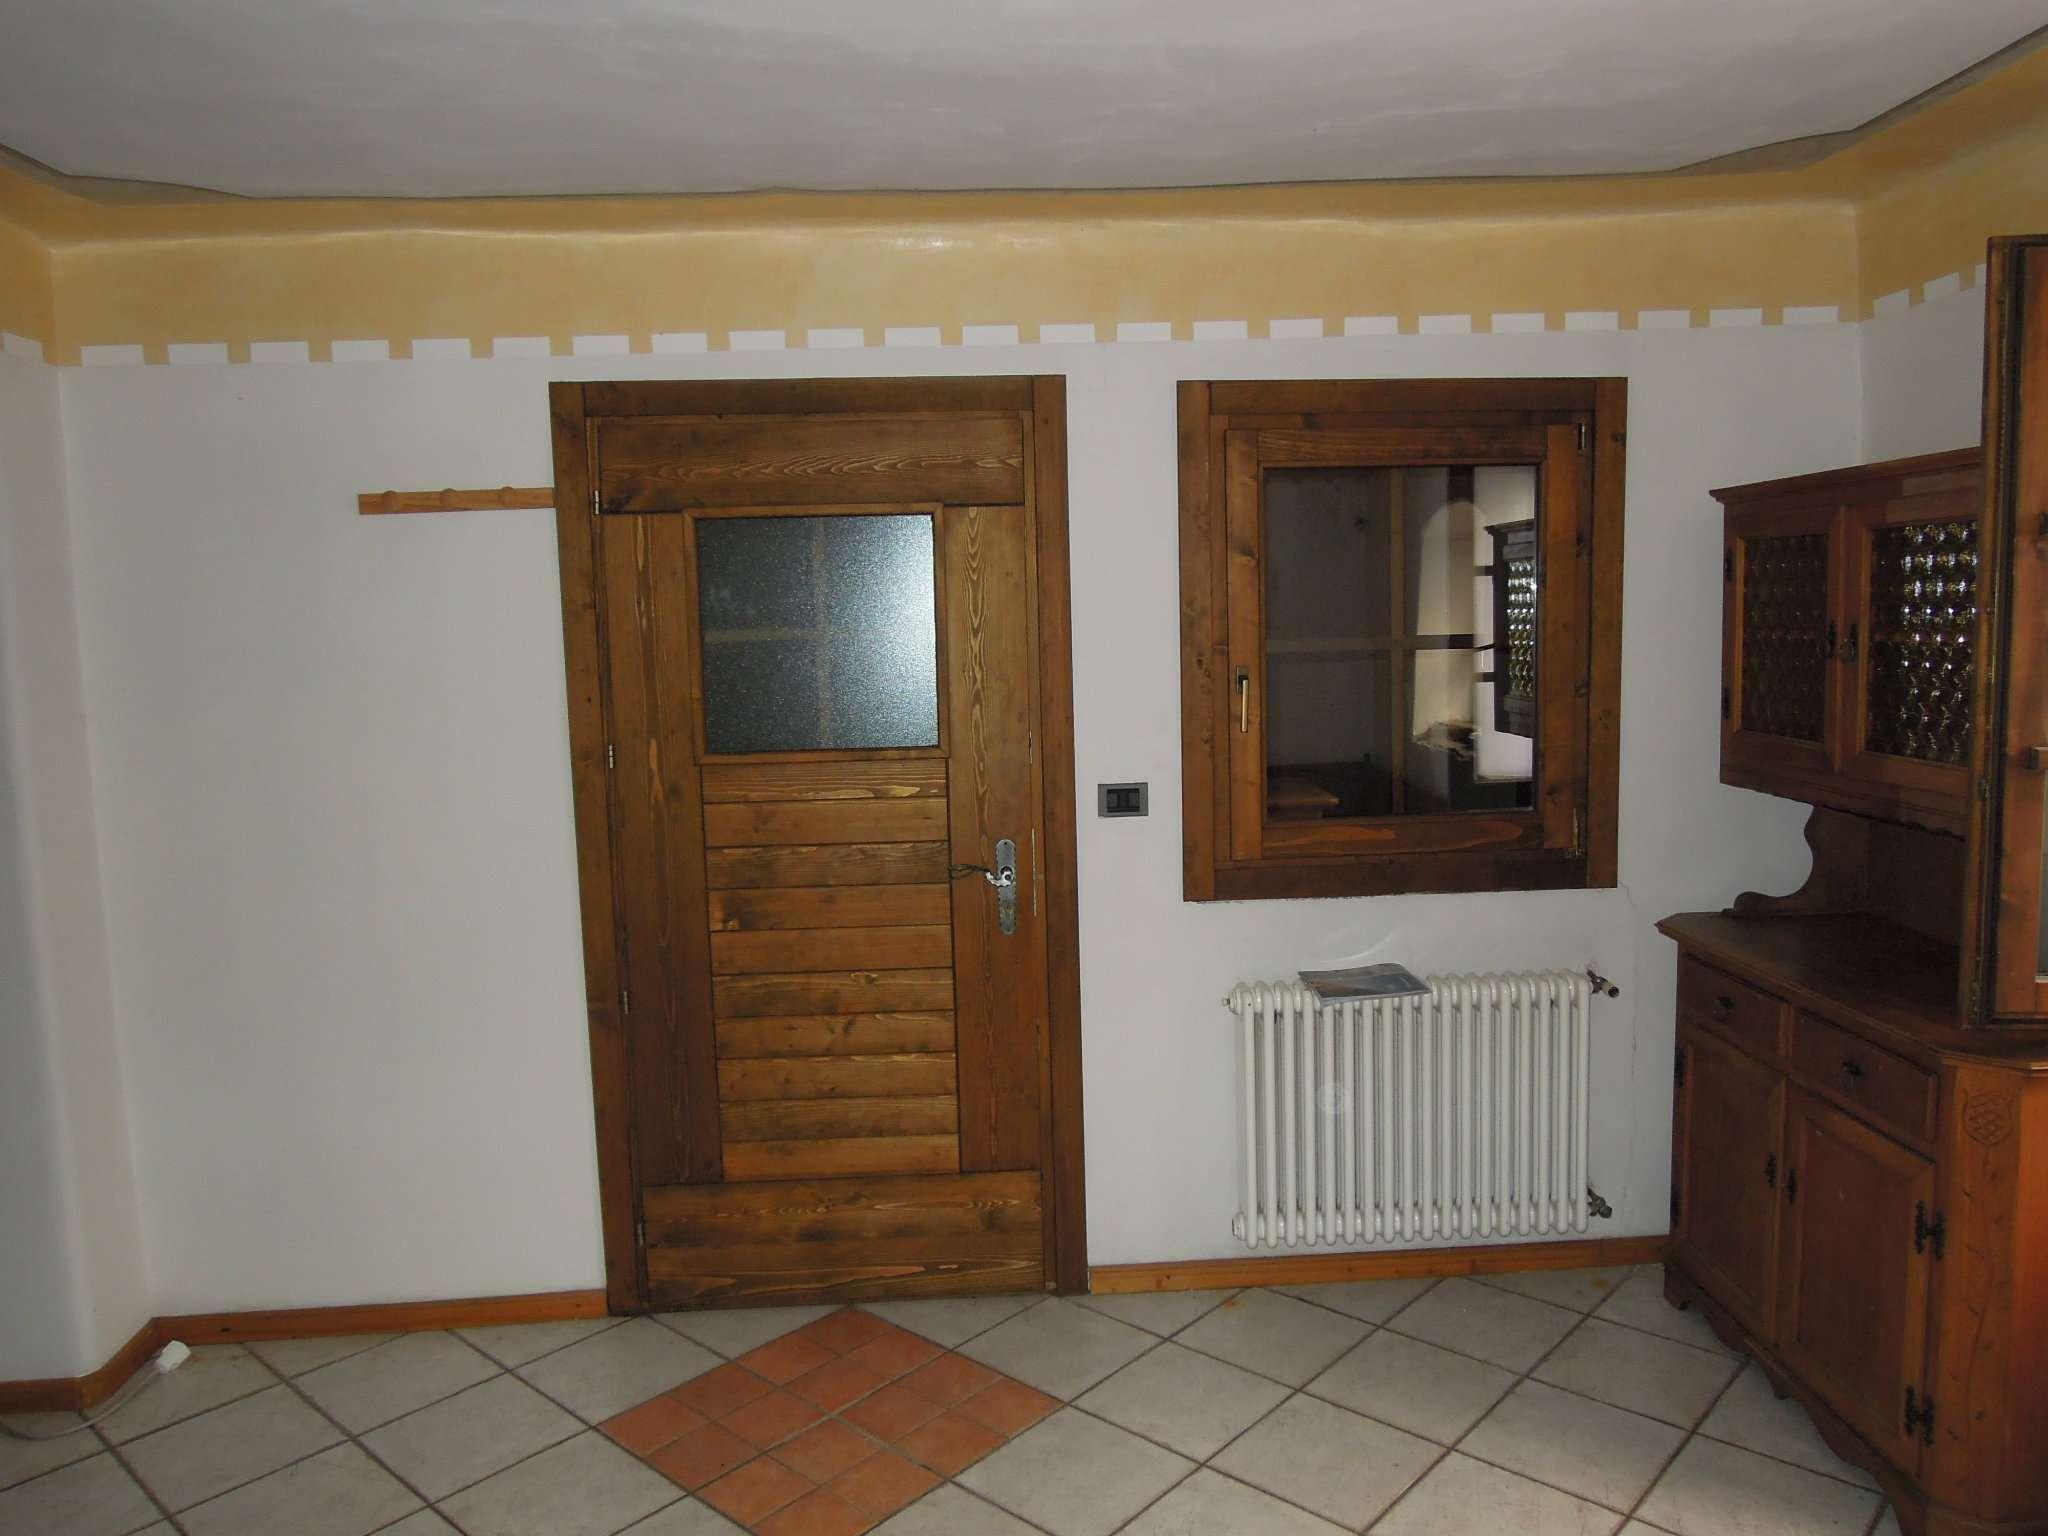 Appartamento in vendita a Fondo, 3 locali, Trattative riservate | CambioCasa.it